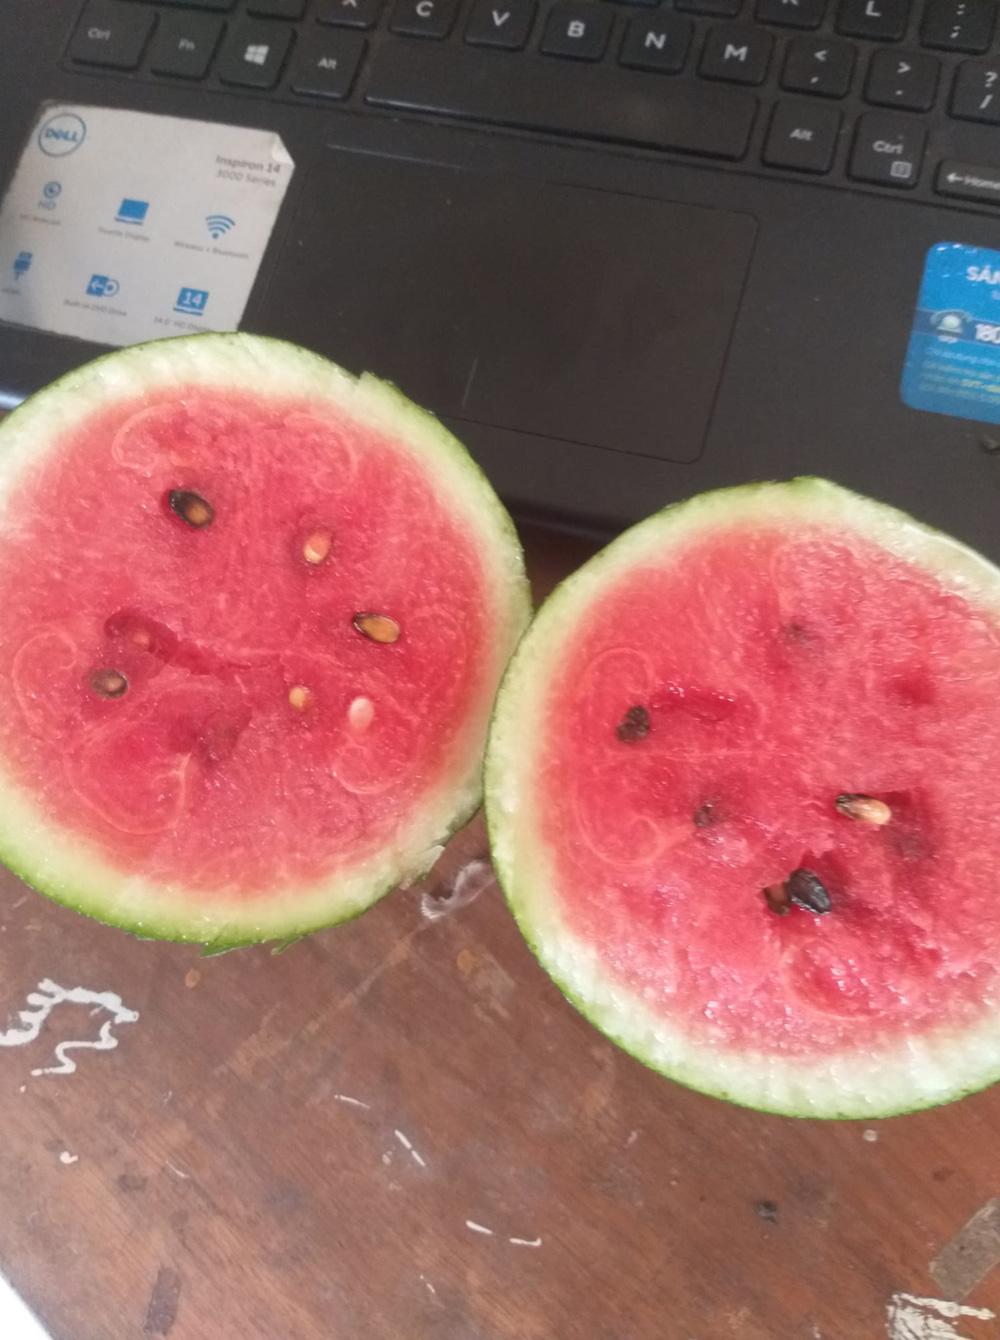 23 ngày sau khi phát hiện cây hoang, chủ vườn vặt trái định làm món kho, bổ ra mới sững sờ vì thành quả - ảnh 5